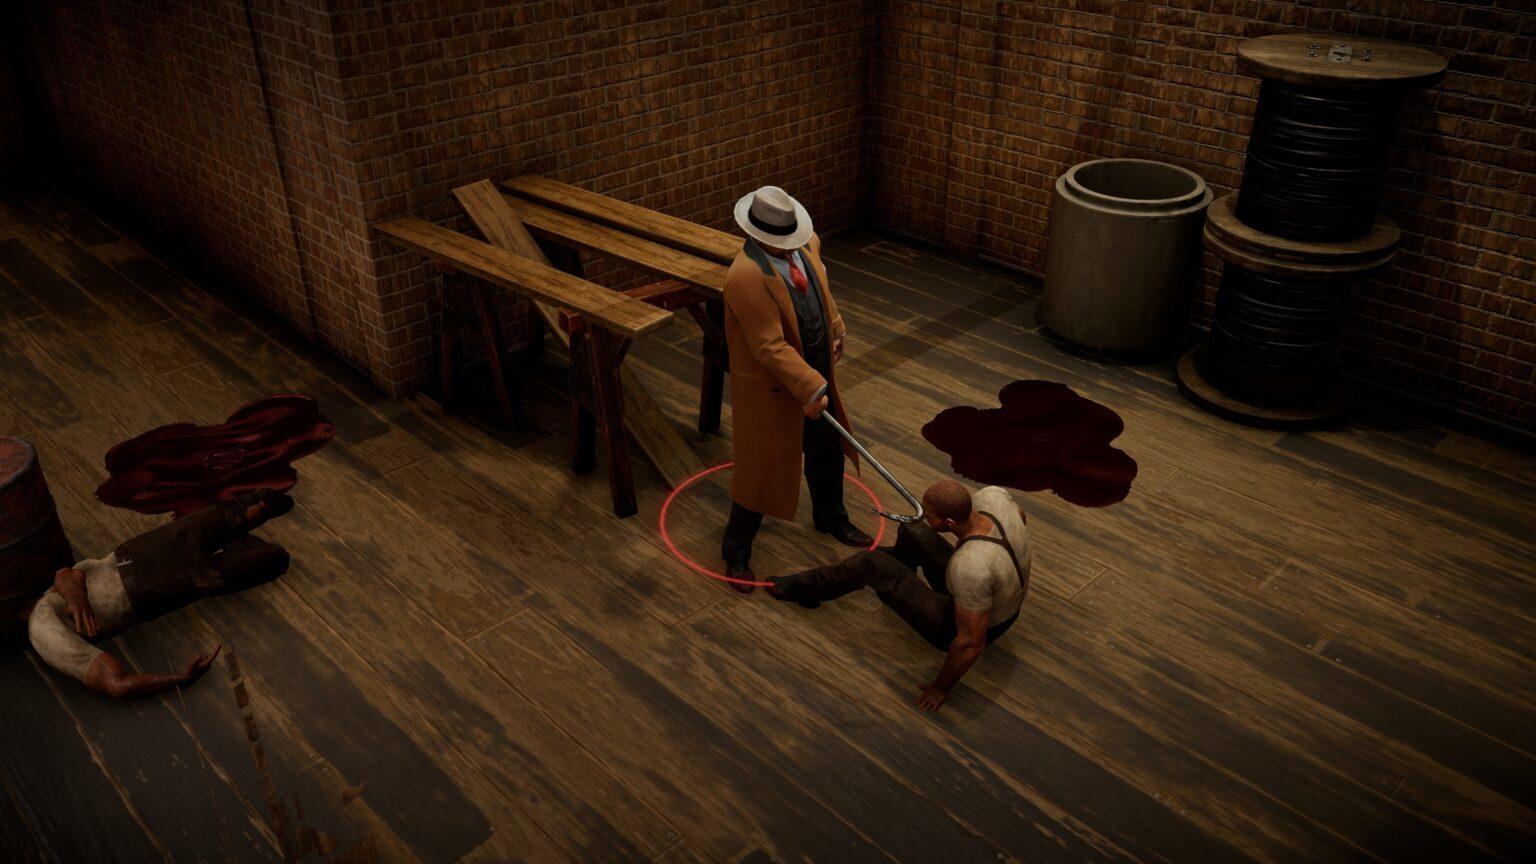 《罪恶帝国 Empire of Sin》评测:禁酒令时代的黑帮故事